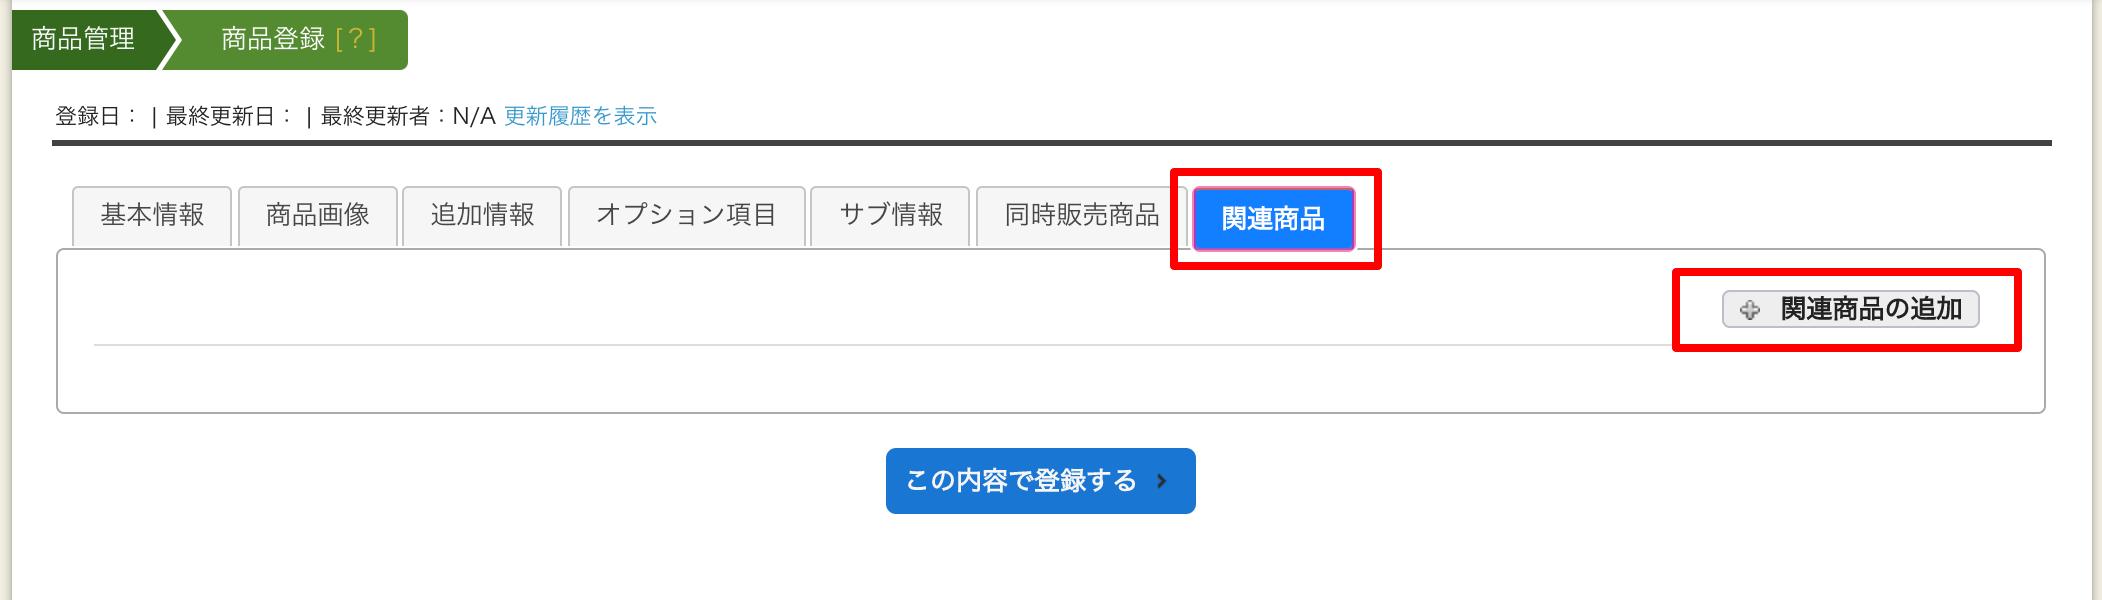 商品登録>関連商品